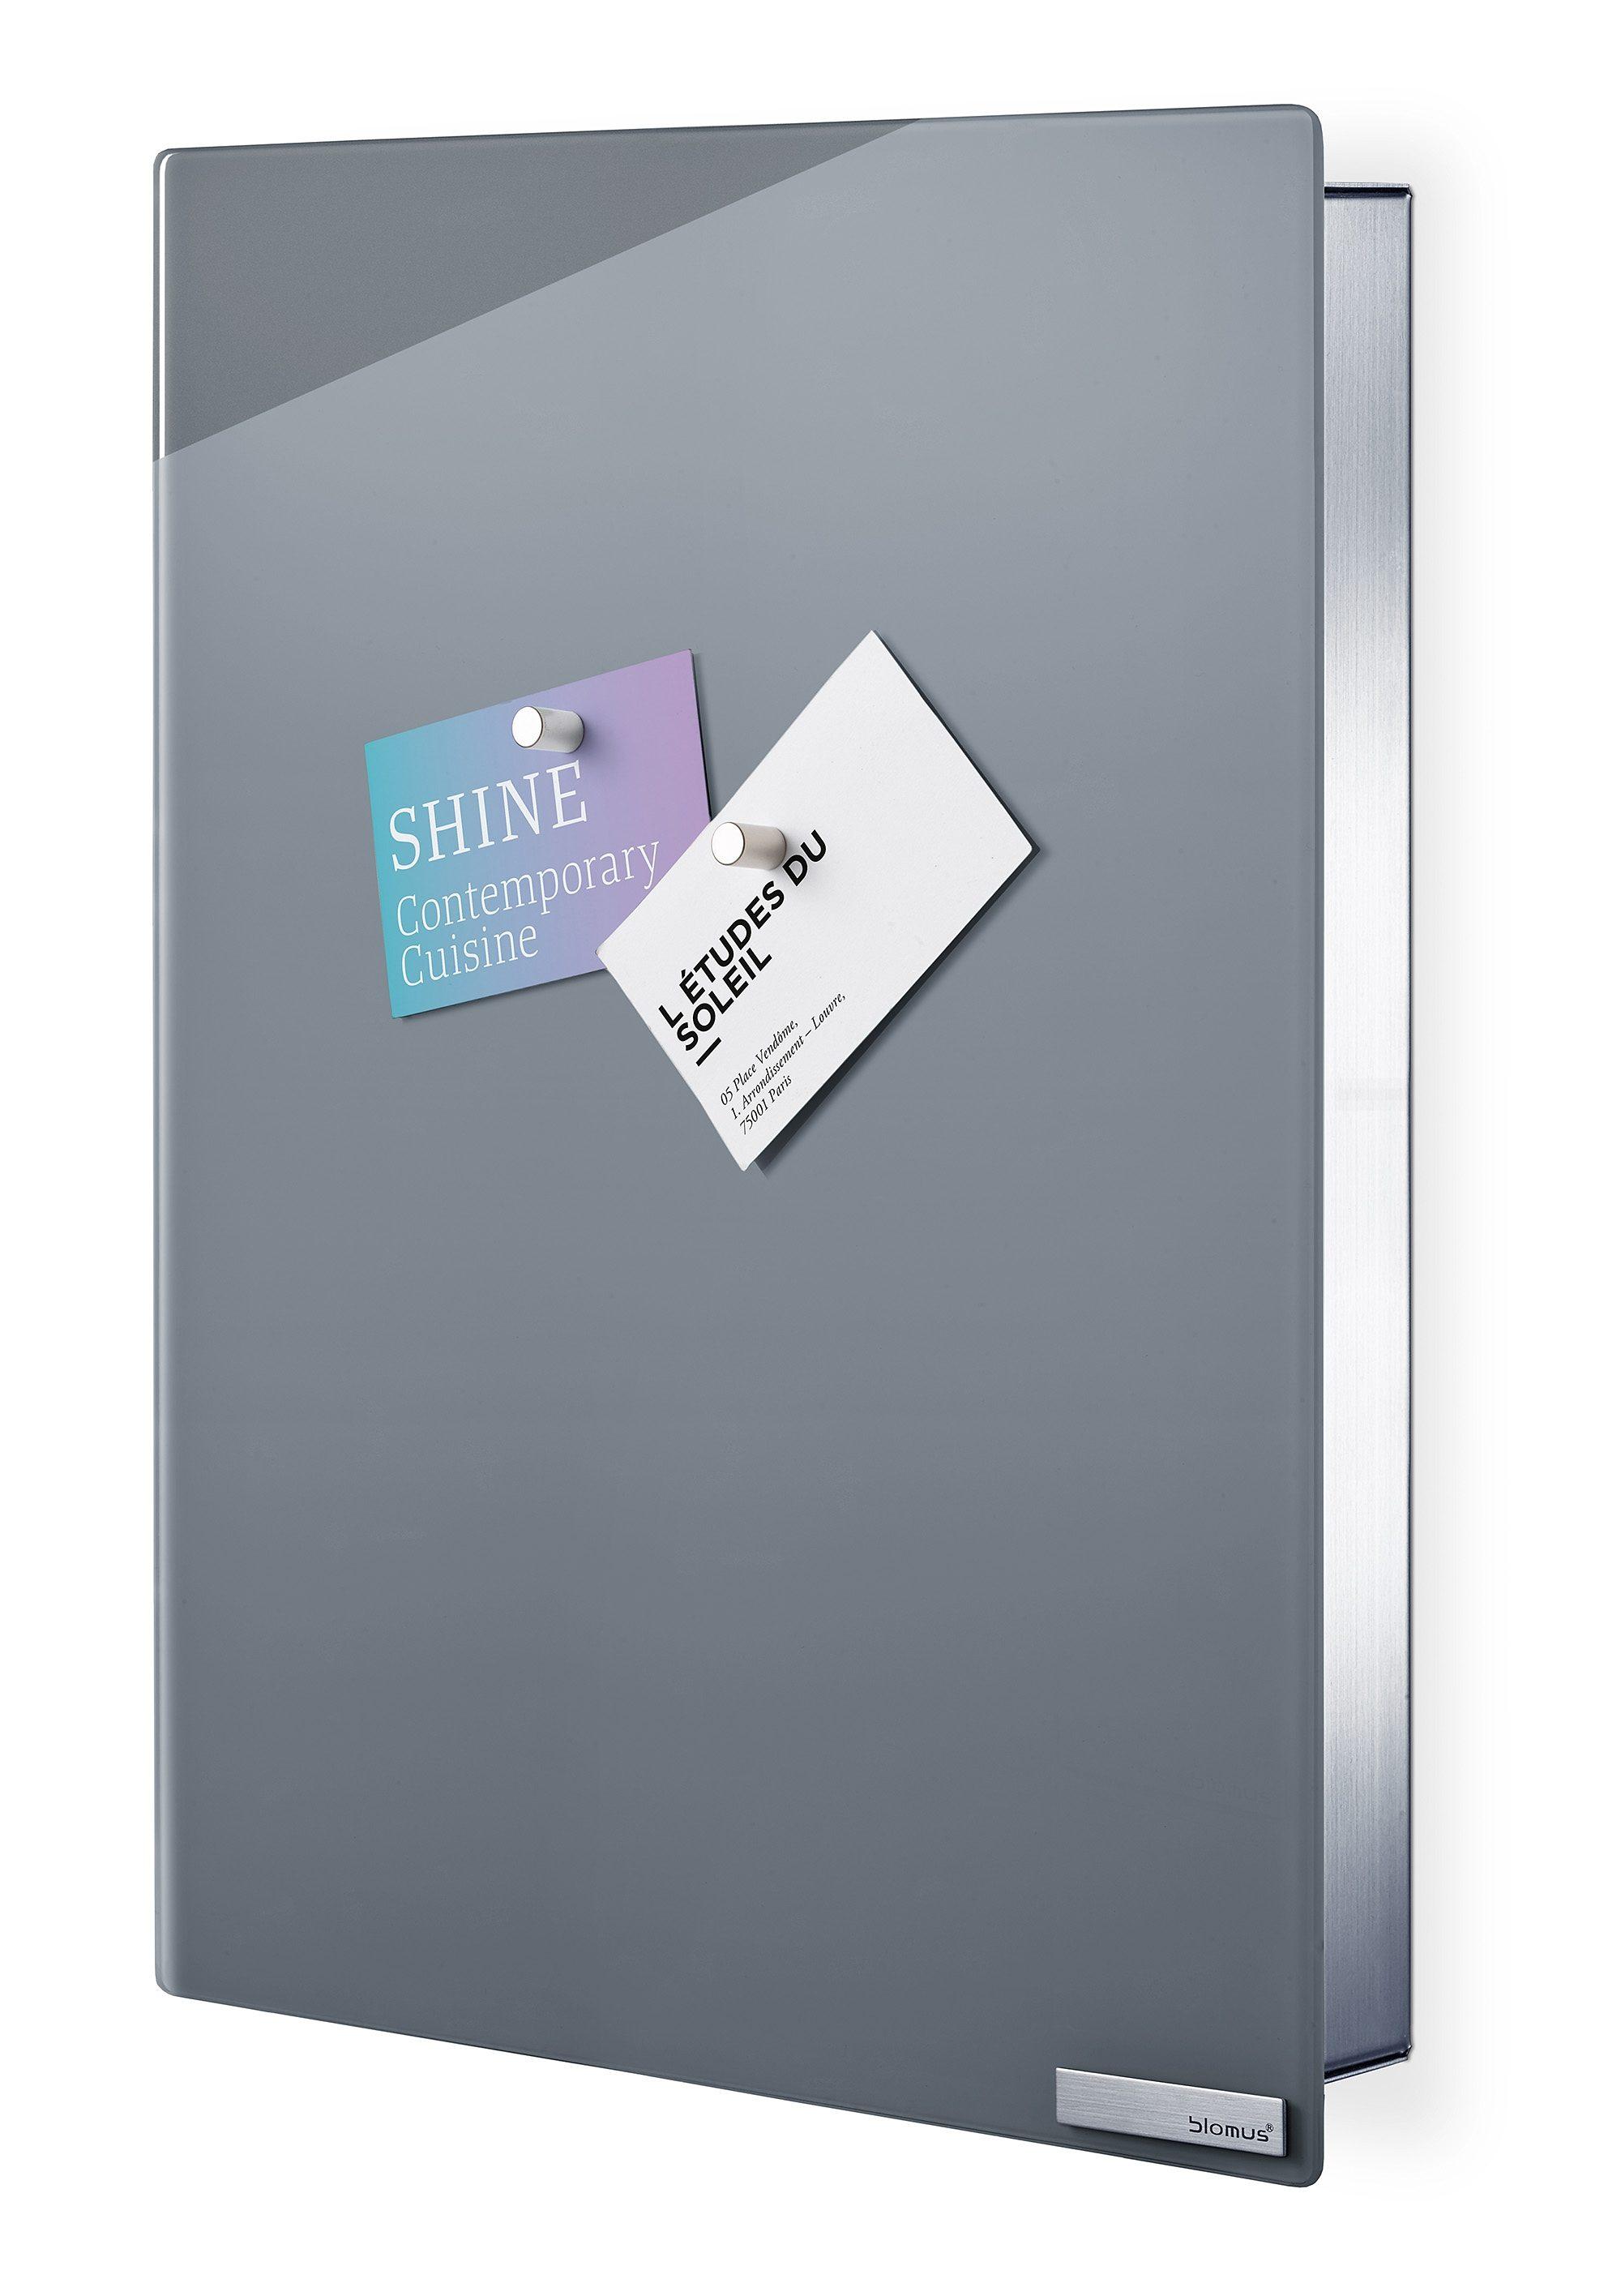 BLOMUS Schlüsselkasten (VELIO) Wohnen/Möbel/Garderoben/Schlüsselkästen